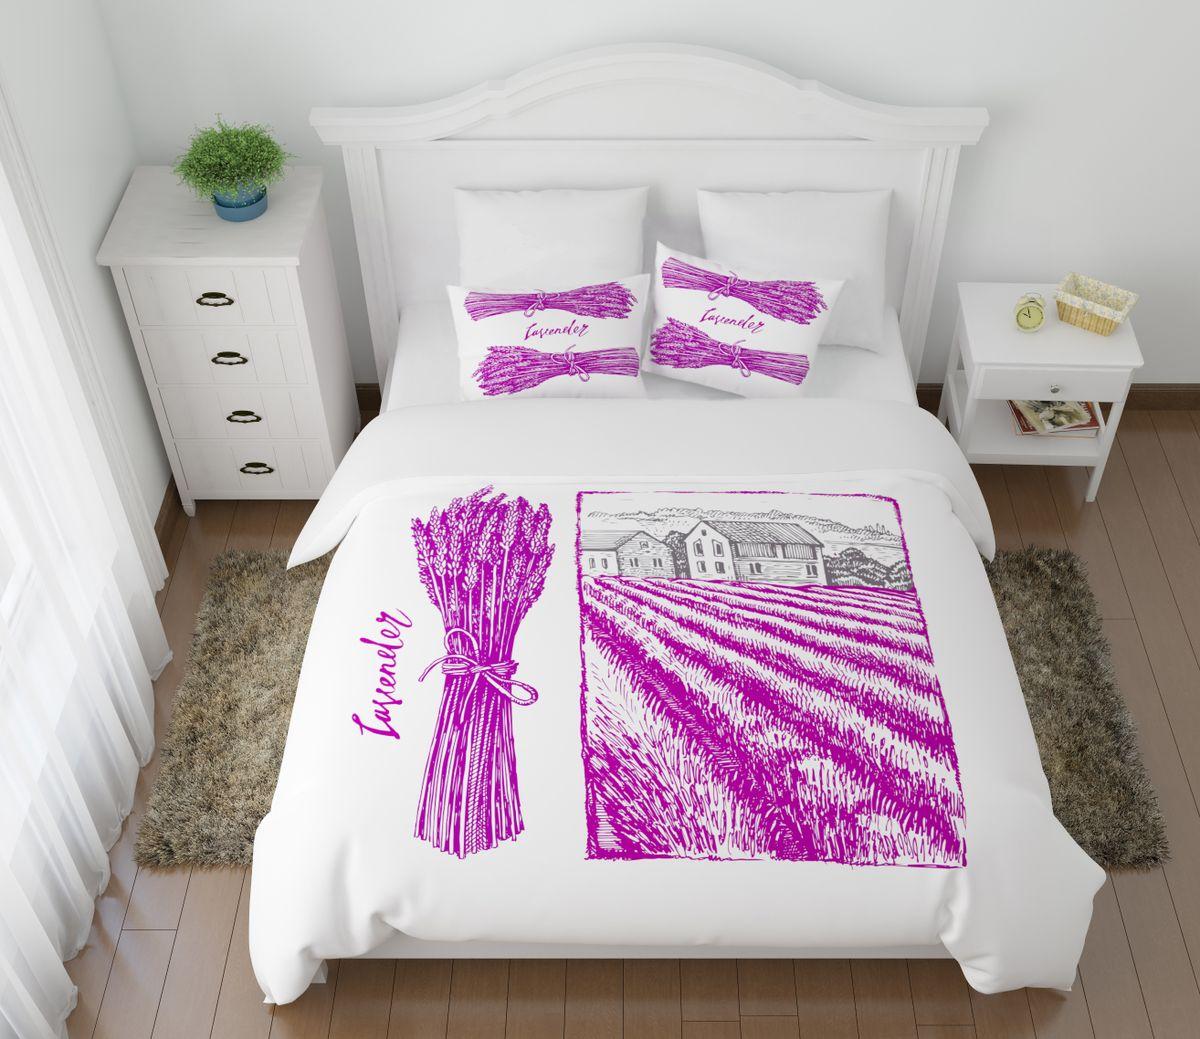 Комплект белья Сирень Лавандовый прованс, 2-спальный, наволочки 50х70VCA-00Комплект постельного белья Сирень 2-х спальный выполнен из прочной и мягкой ткани. Четкий и стильный рисунок в сочетании с насыщенными красками делают комплект постельного белья неповторимой изюминкой любого интерьера. Постельное белье идеально подойдет для подарка. Идеальное соотношение смешенной ткани и гипоаллергенных красок это гарантия здорового, спокойного сна. Ткань хорошо впитывает влагу, надолго сохраняет яркость красок. Цвет простыни, пододеяльника, наволочки в комплектации может немного отличаться от представленного на фото.В комплект входят: простыня - 200х220см; пододельяник 175х210 см; наволочка - 50х70х2шт. Постельное белье легко стирать при 30-40 градусах, гладить при 150 градусах, не отбеливать.Рекомендуется перед первым изпользованием постирать.